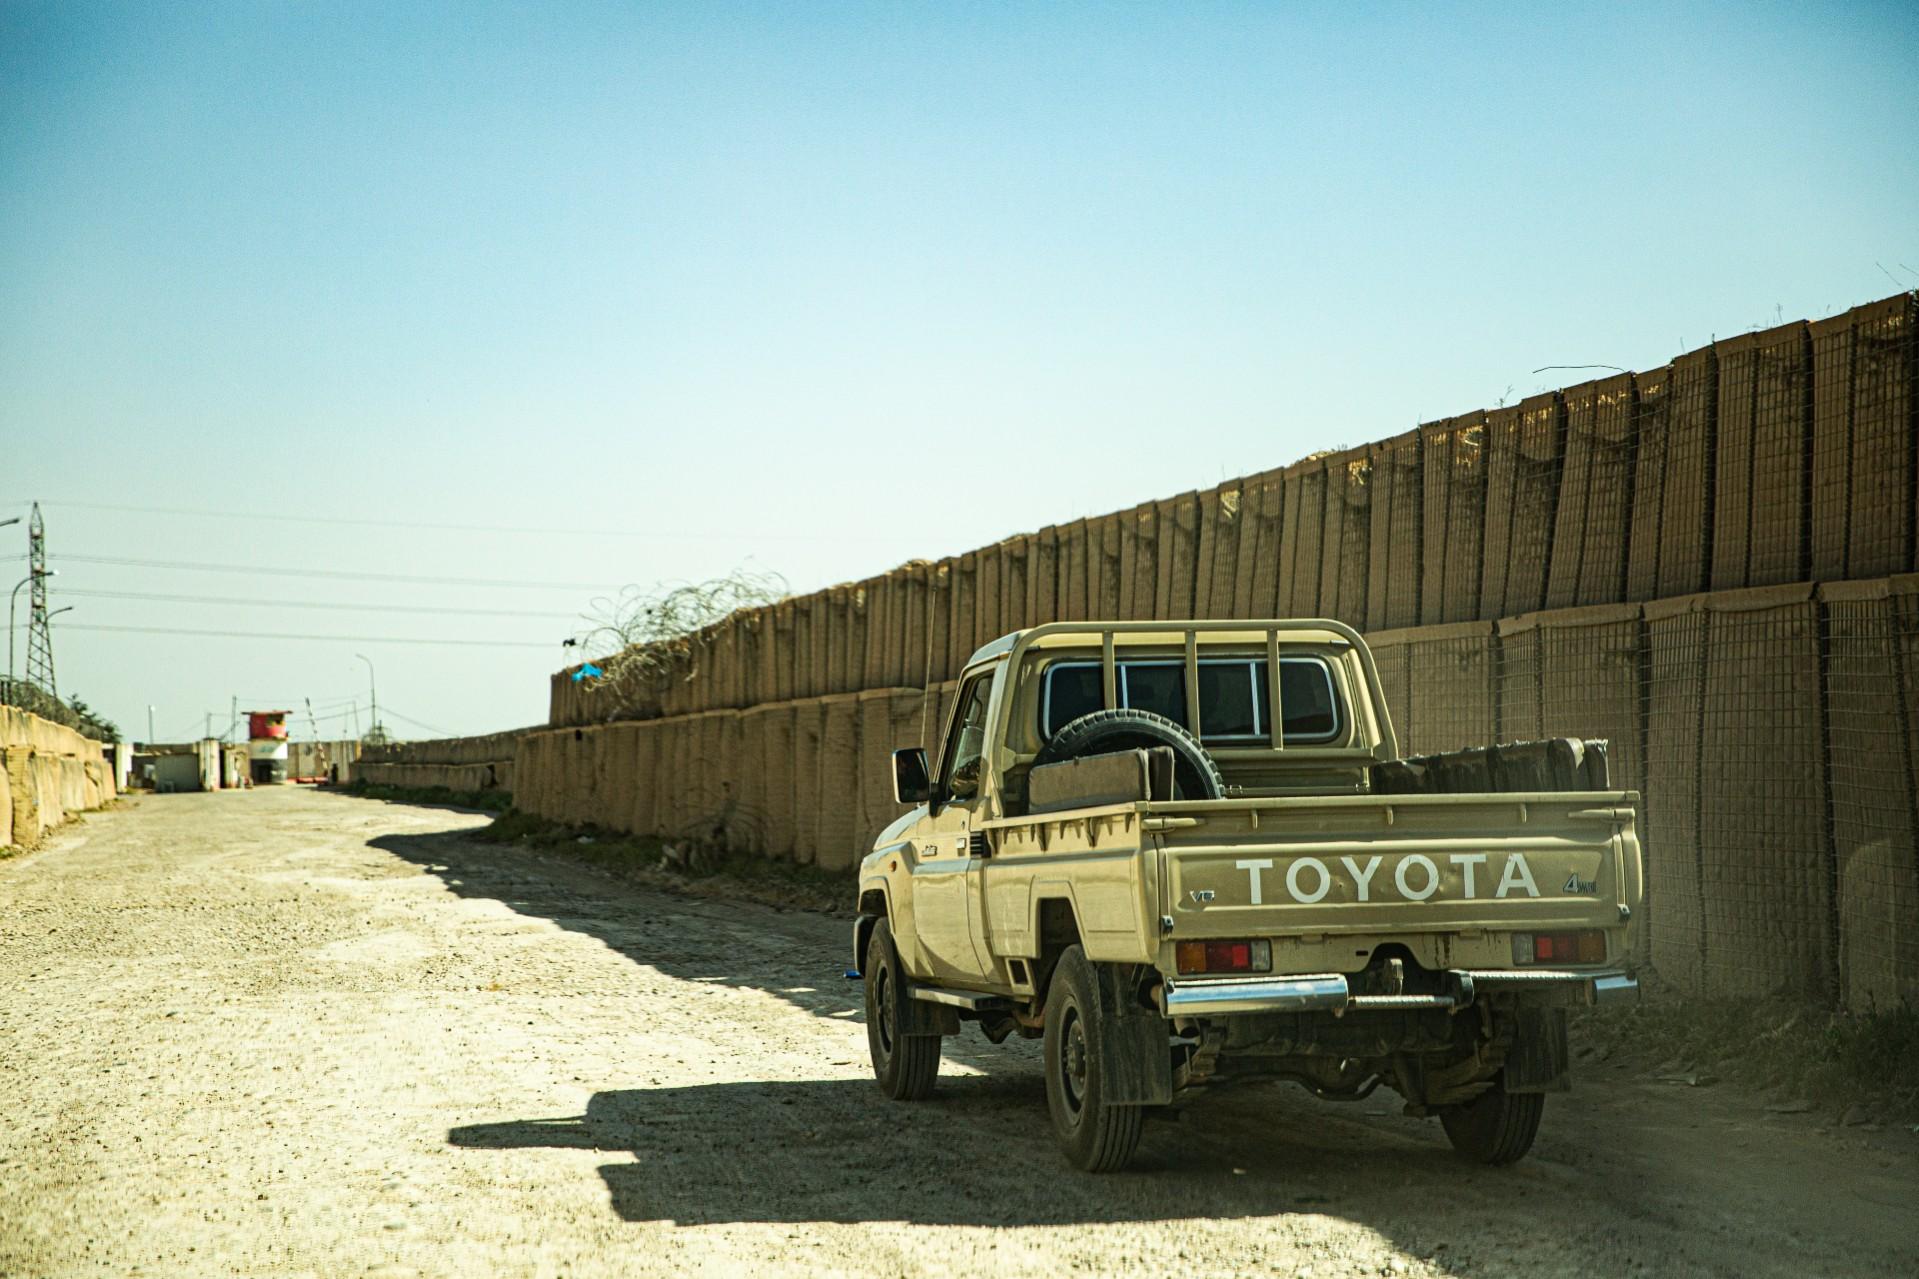 Mobil melewati jalanan bertembok di Irak.